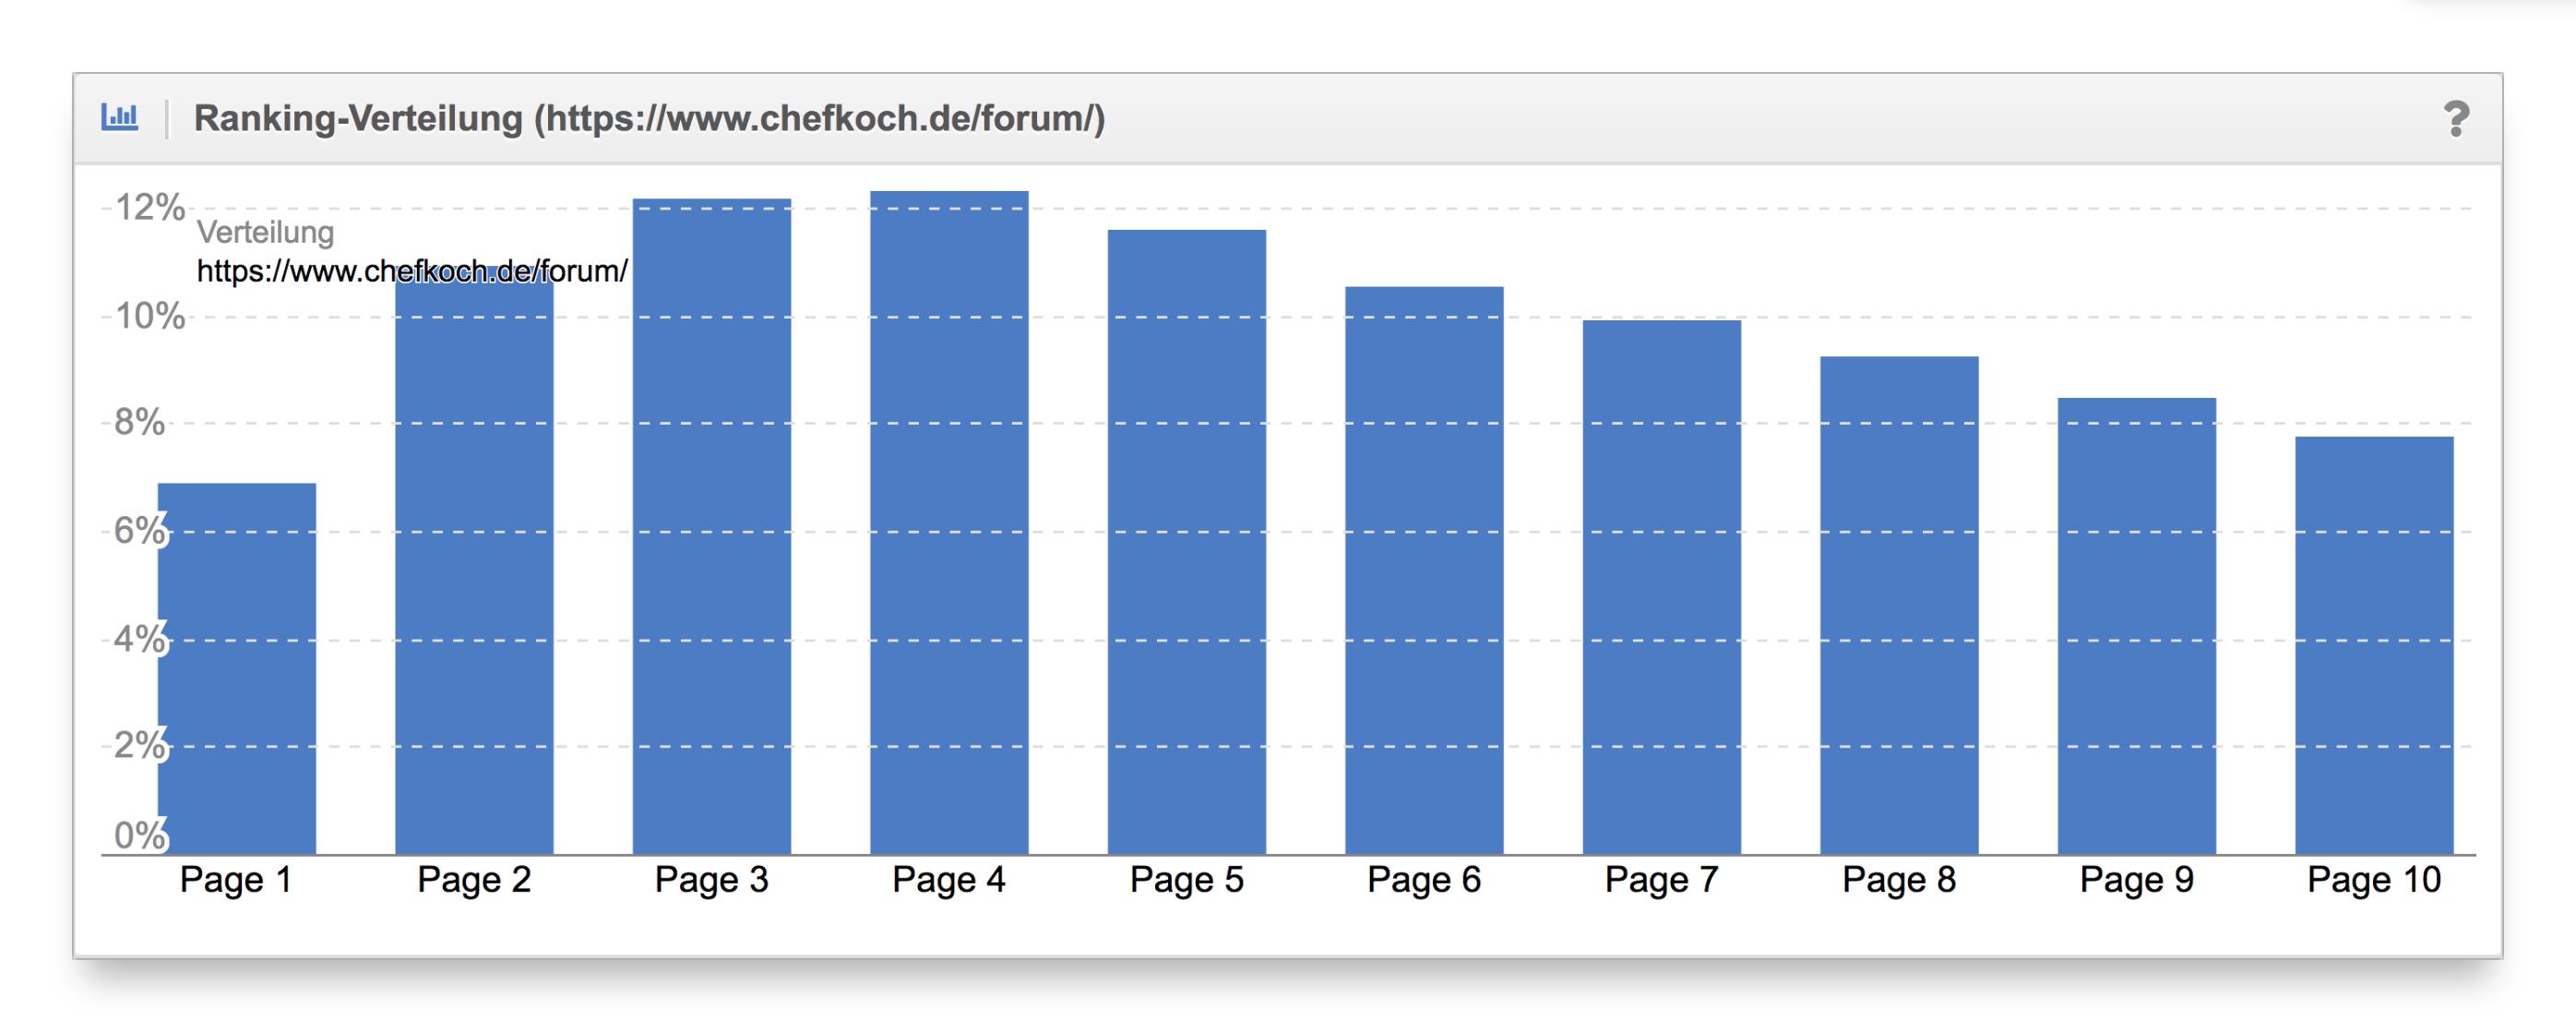 Vergleich Ranking-Verteilung Content-Formate chefkoch.de